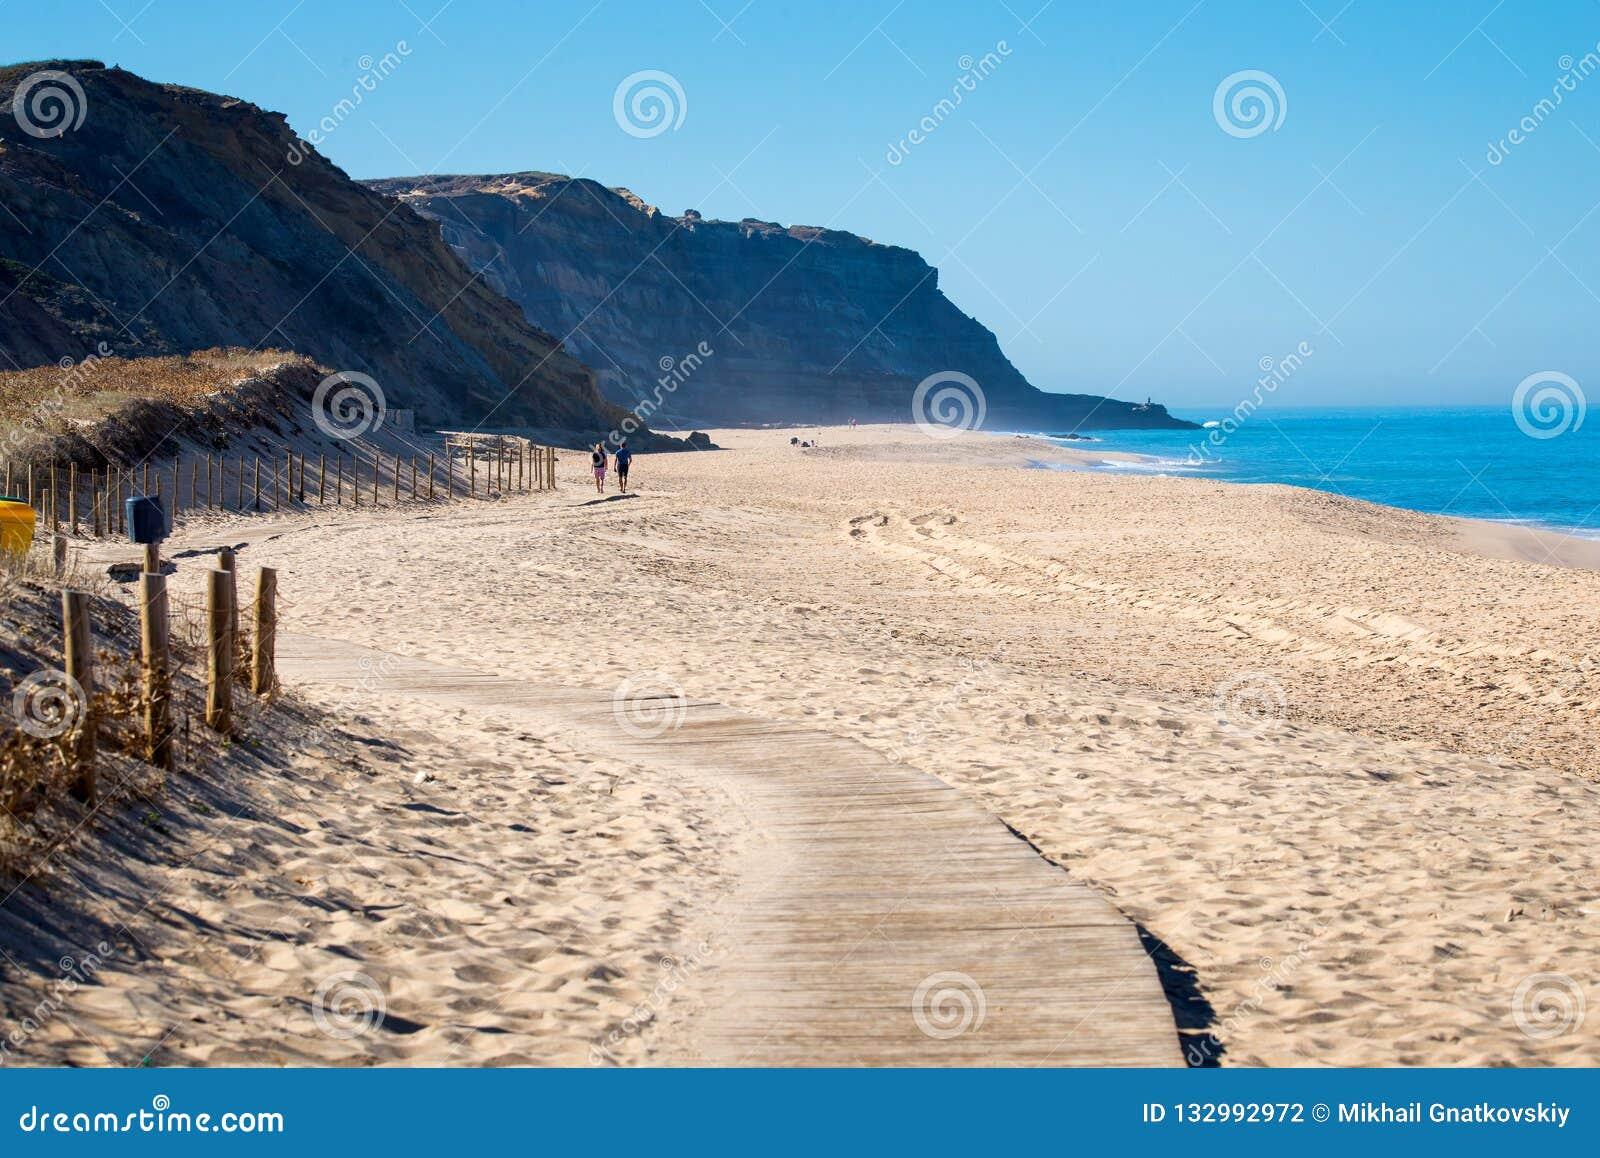 Chemin en bois sur le sable vers la mer Vacances et repos sur un concept de plage